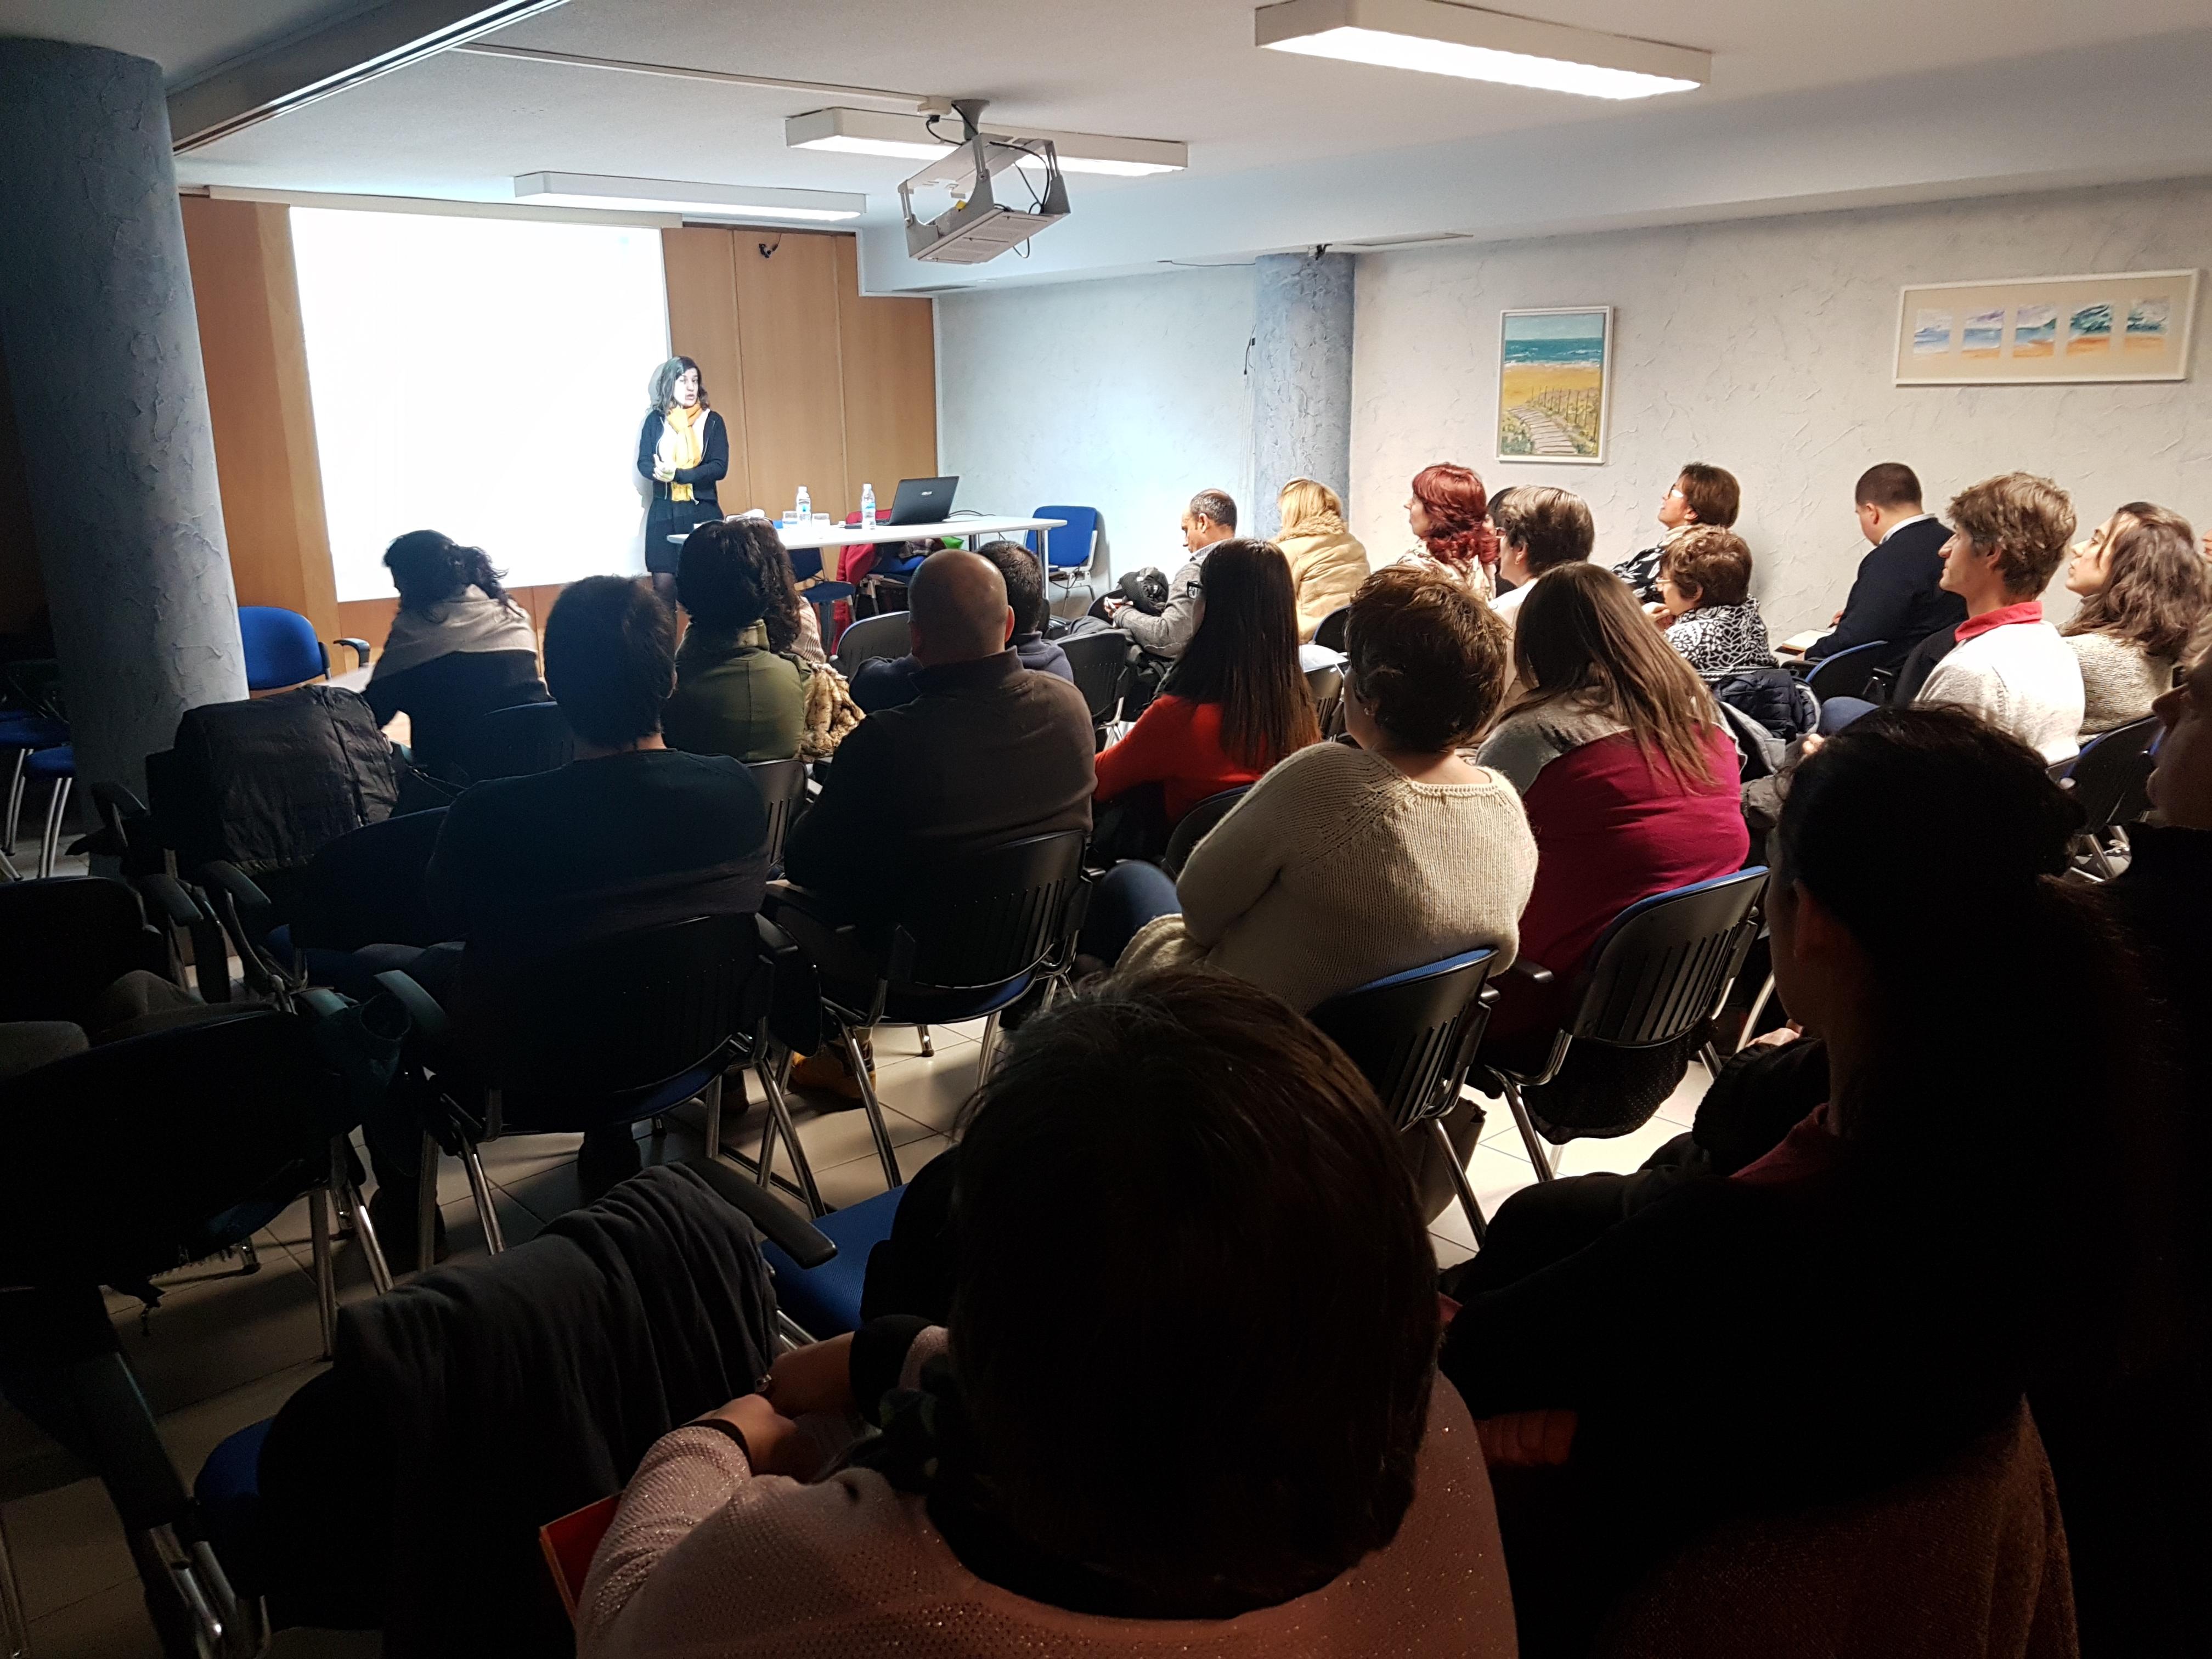 foto noticia: Nuevamente impartimos formación en el Colegio Territorial de Administradores de Fincas de Gipuzkoa y Álava